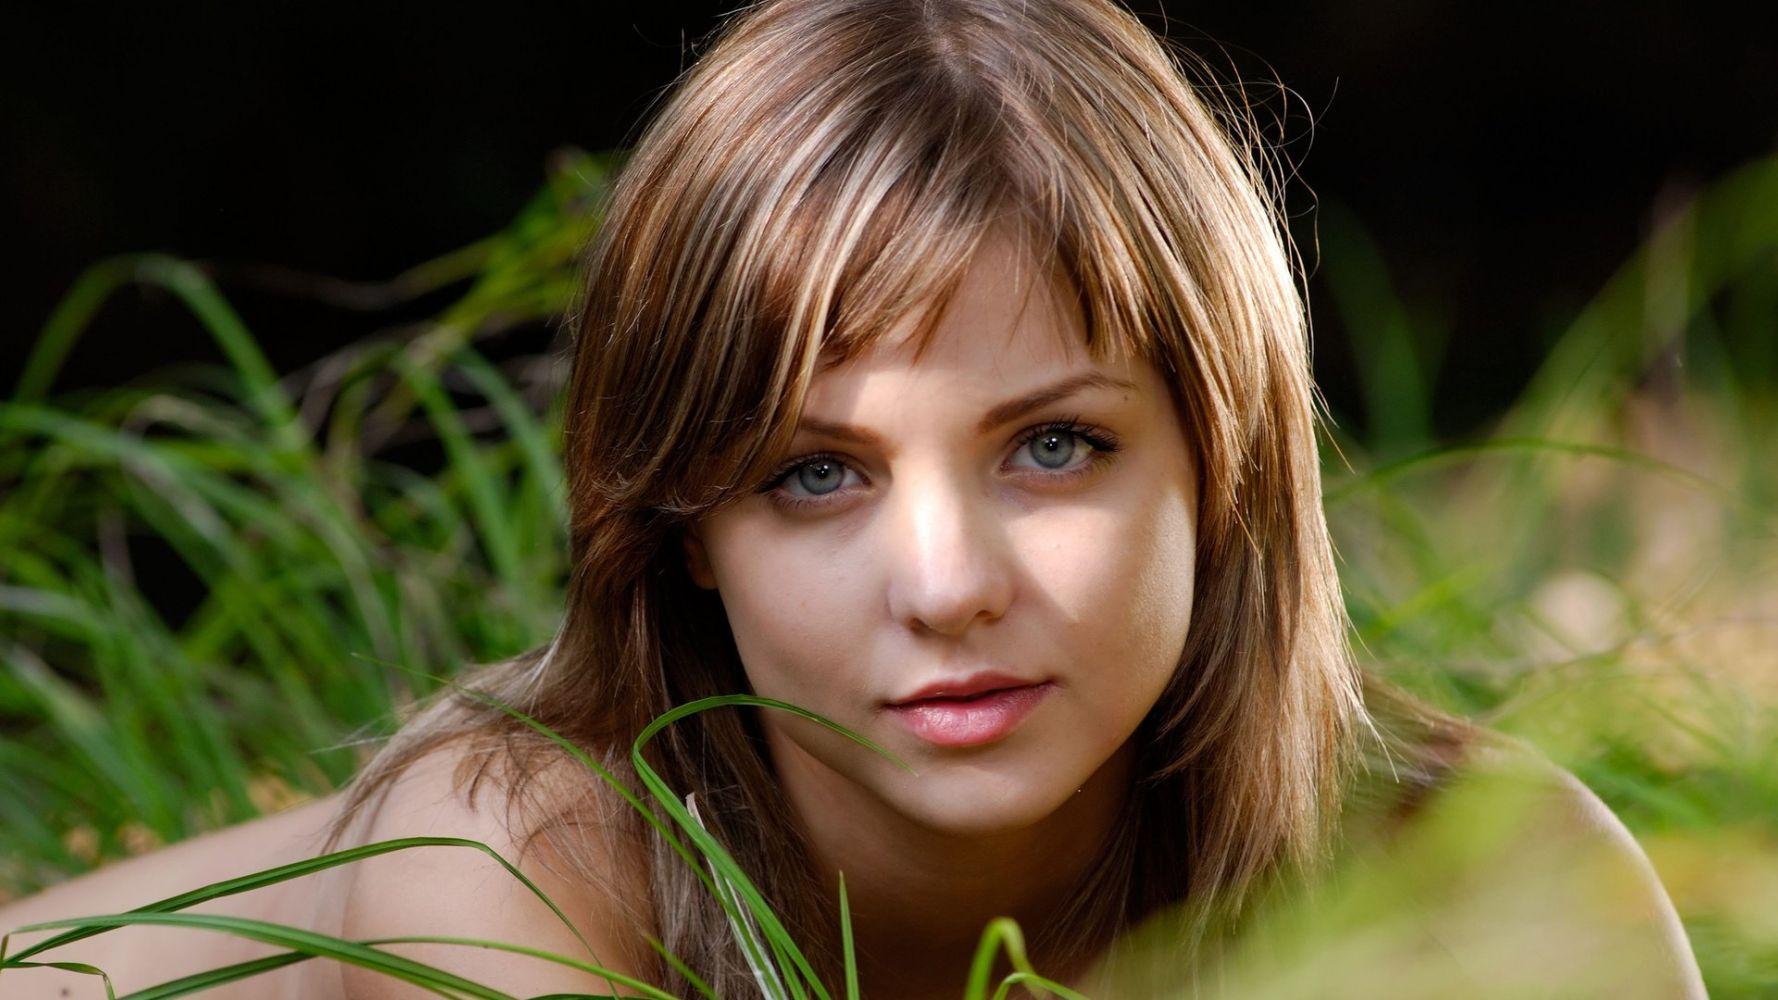 Фото красивая девочки порно, фото красивых девушек (100 фото) 1 фотография